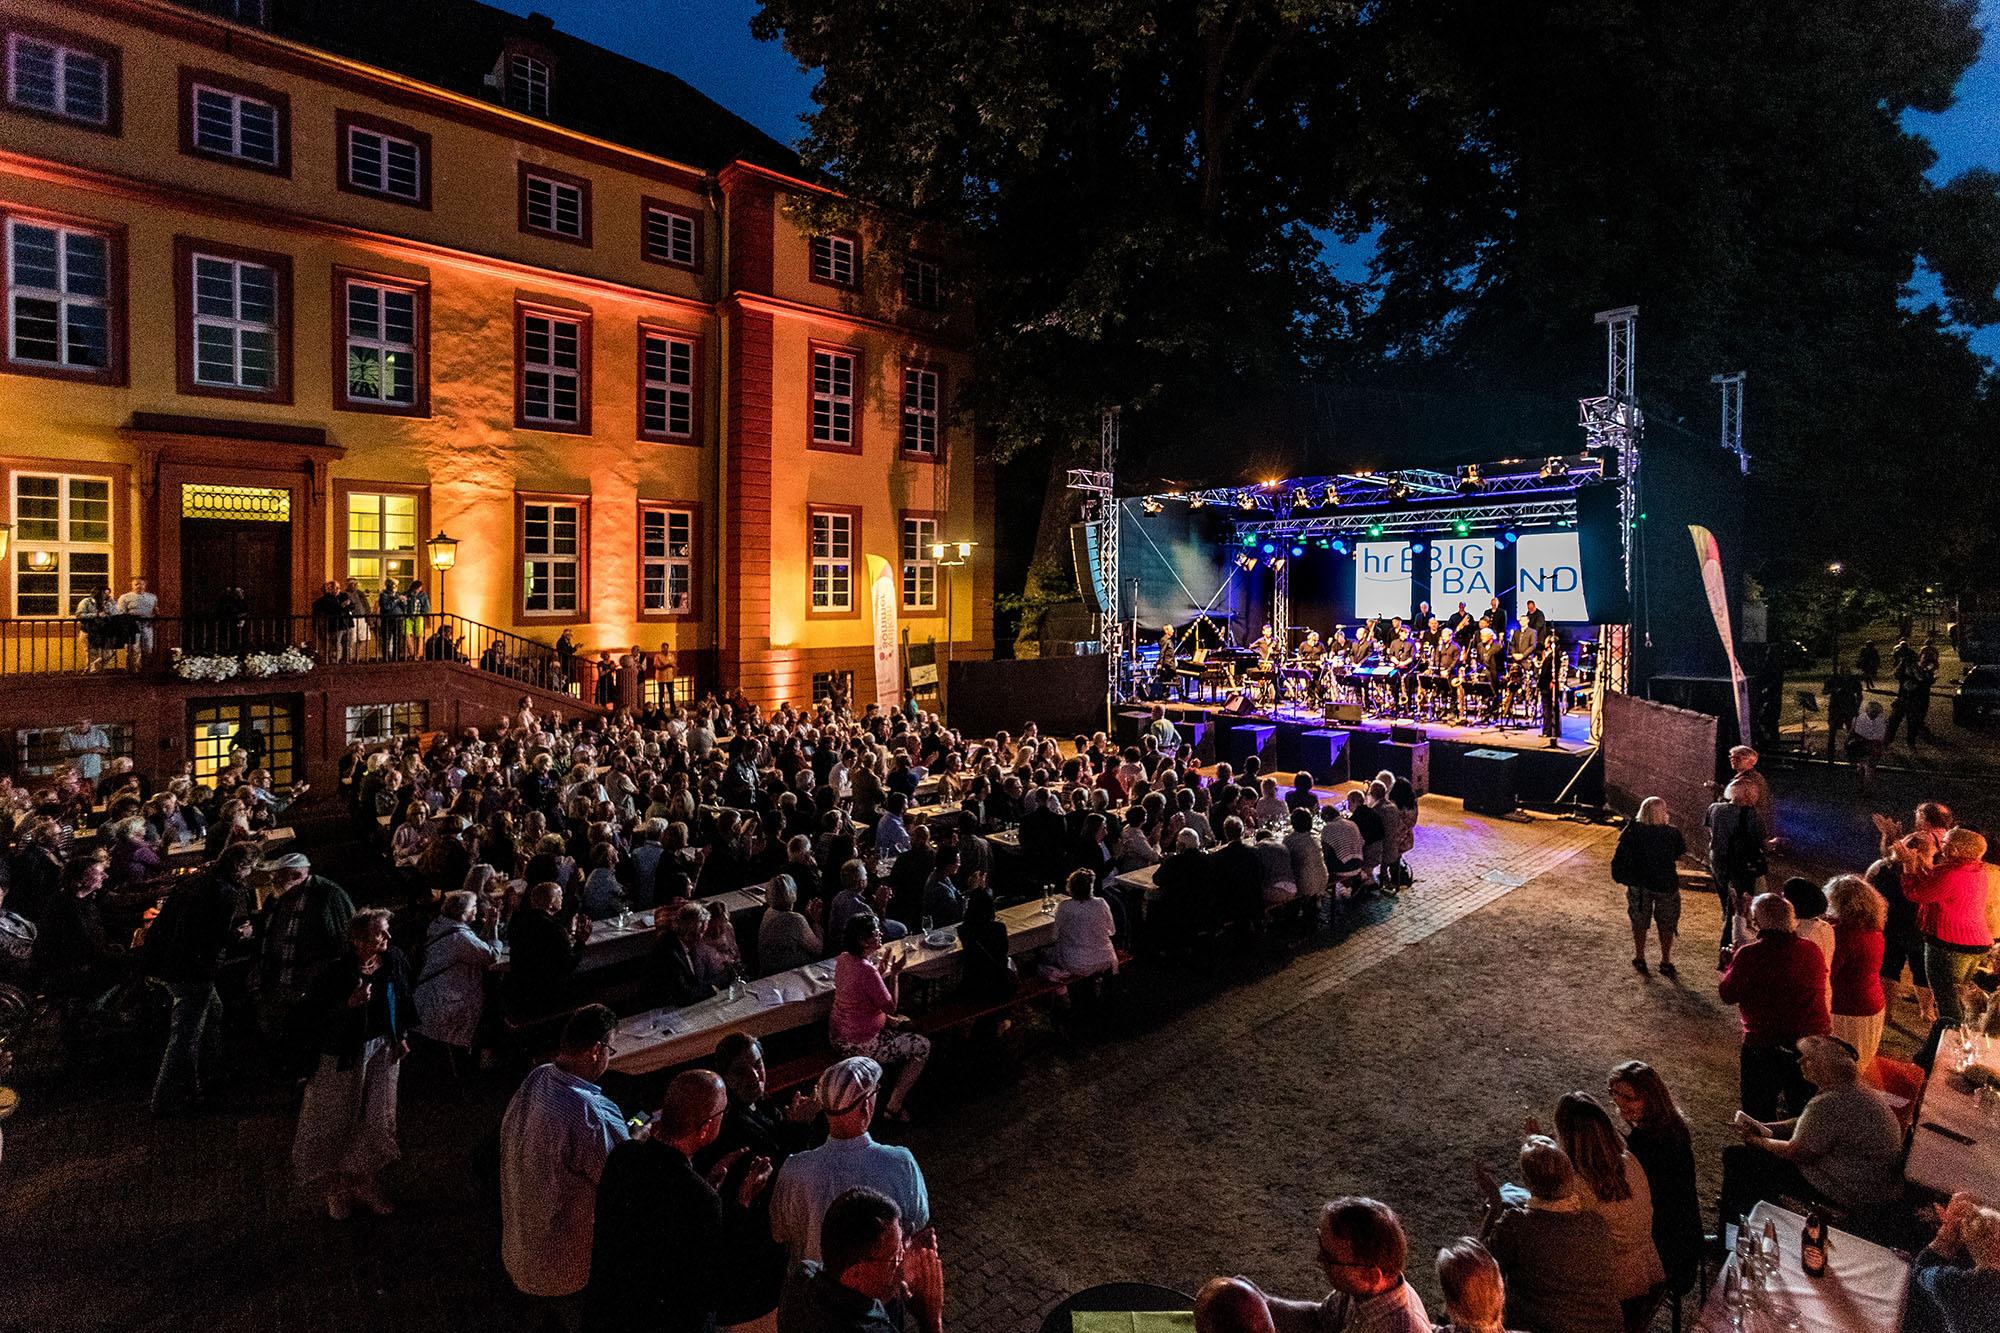 Landesmusikakademie Hessen